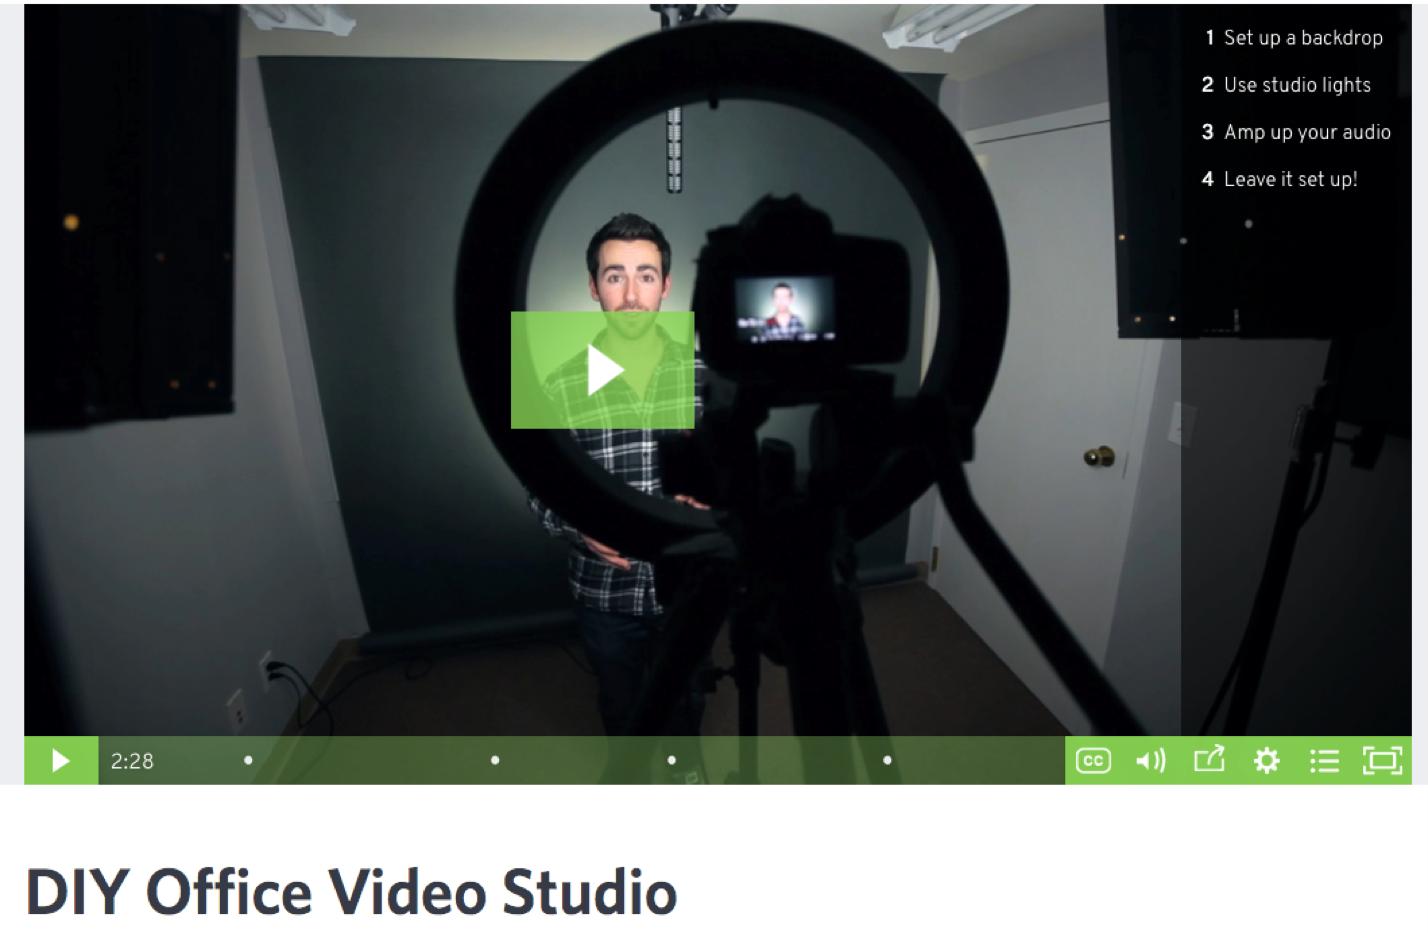 Cómo desarrollar la cultura del video en la configuración de estudio de video de la oficina de bricolaje de su empresa